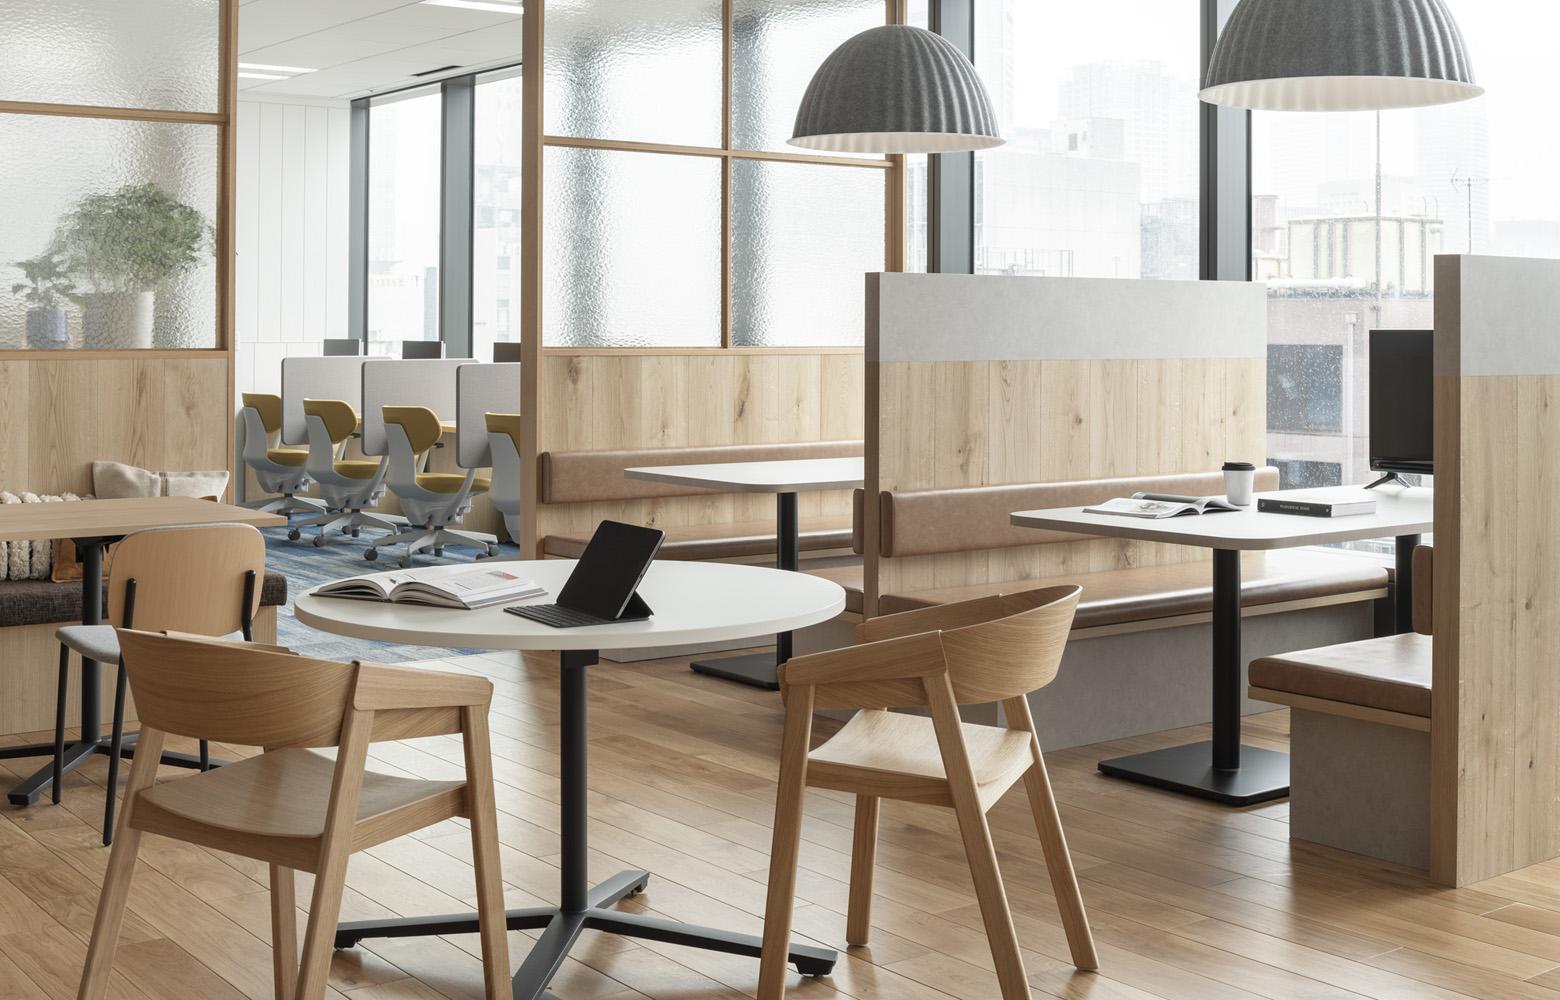 東洋アルミニウム株式会社 Work Lounge_2 デザイン・レイアウト事例